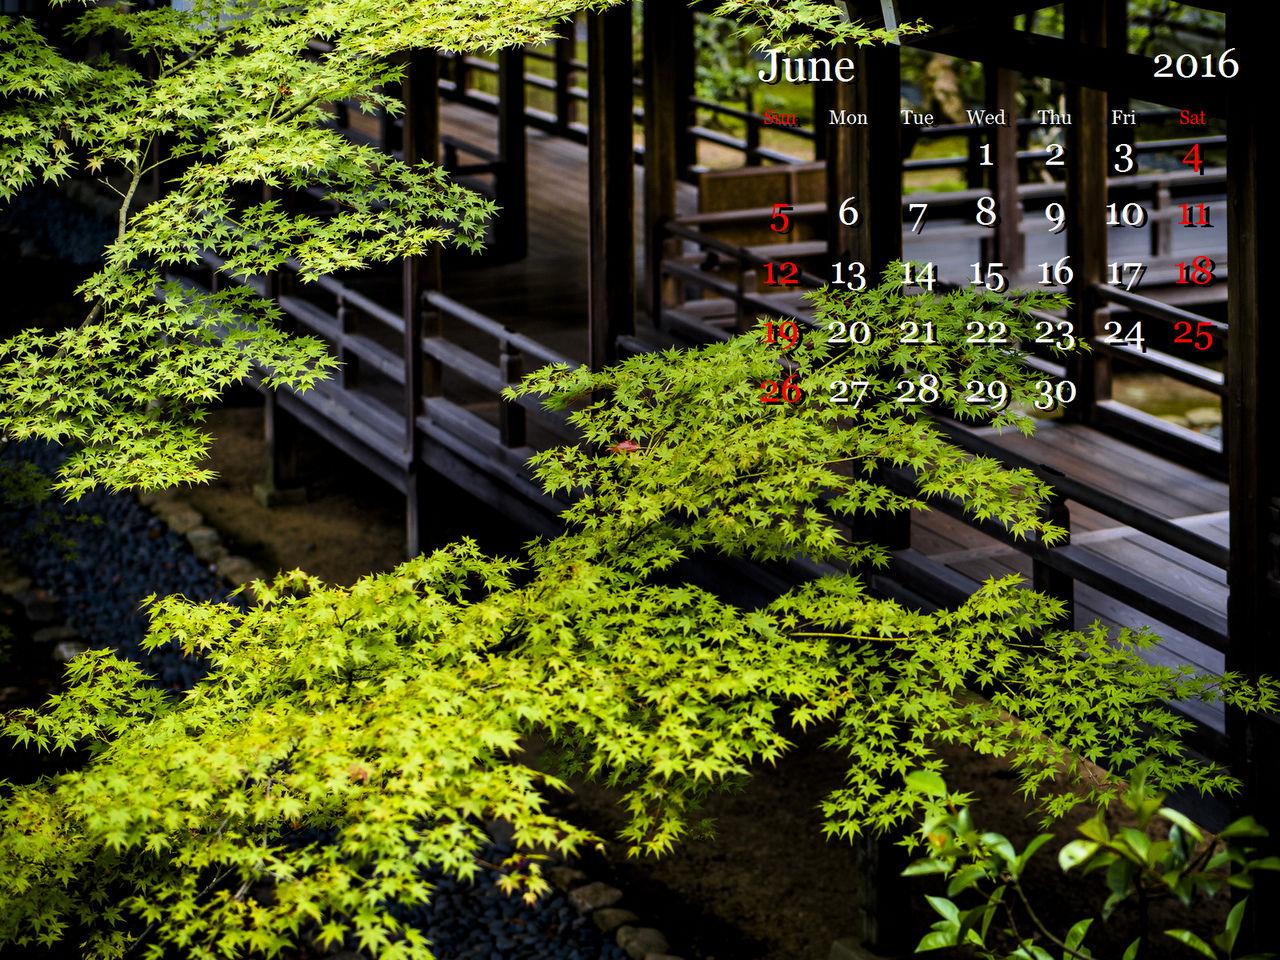 2-1-LR5__M521820-3.jpg